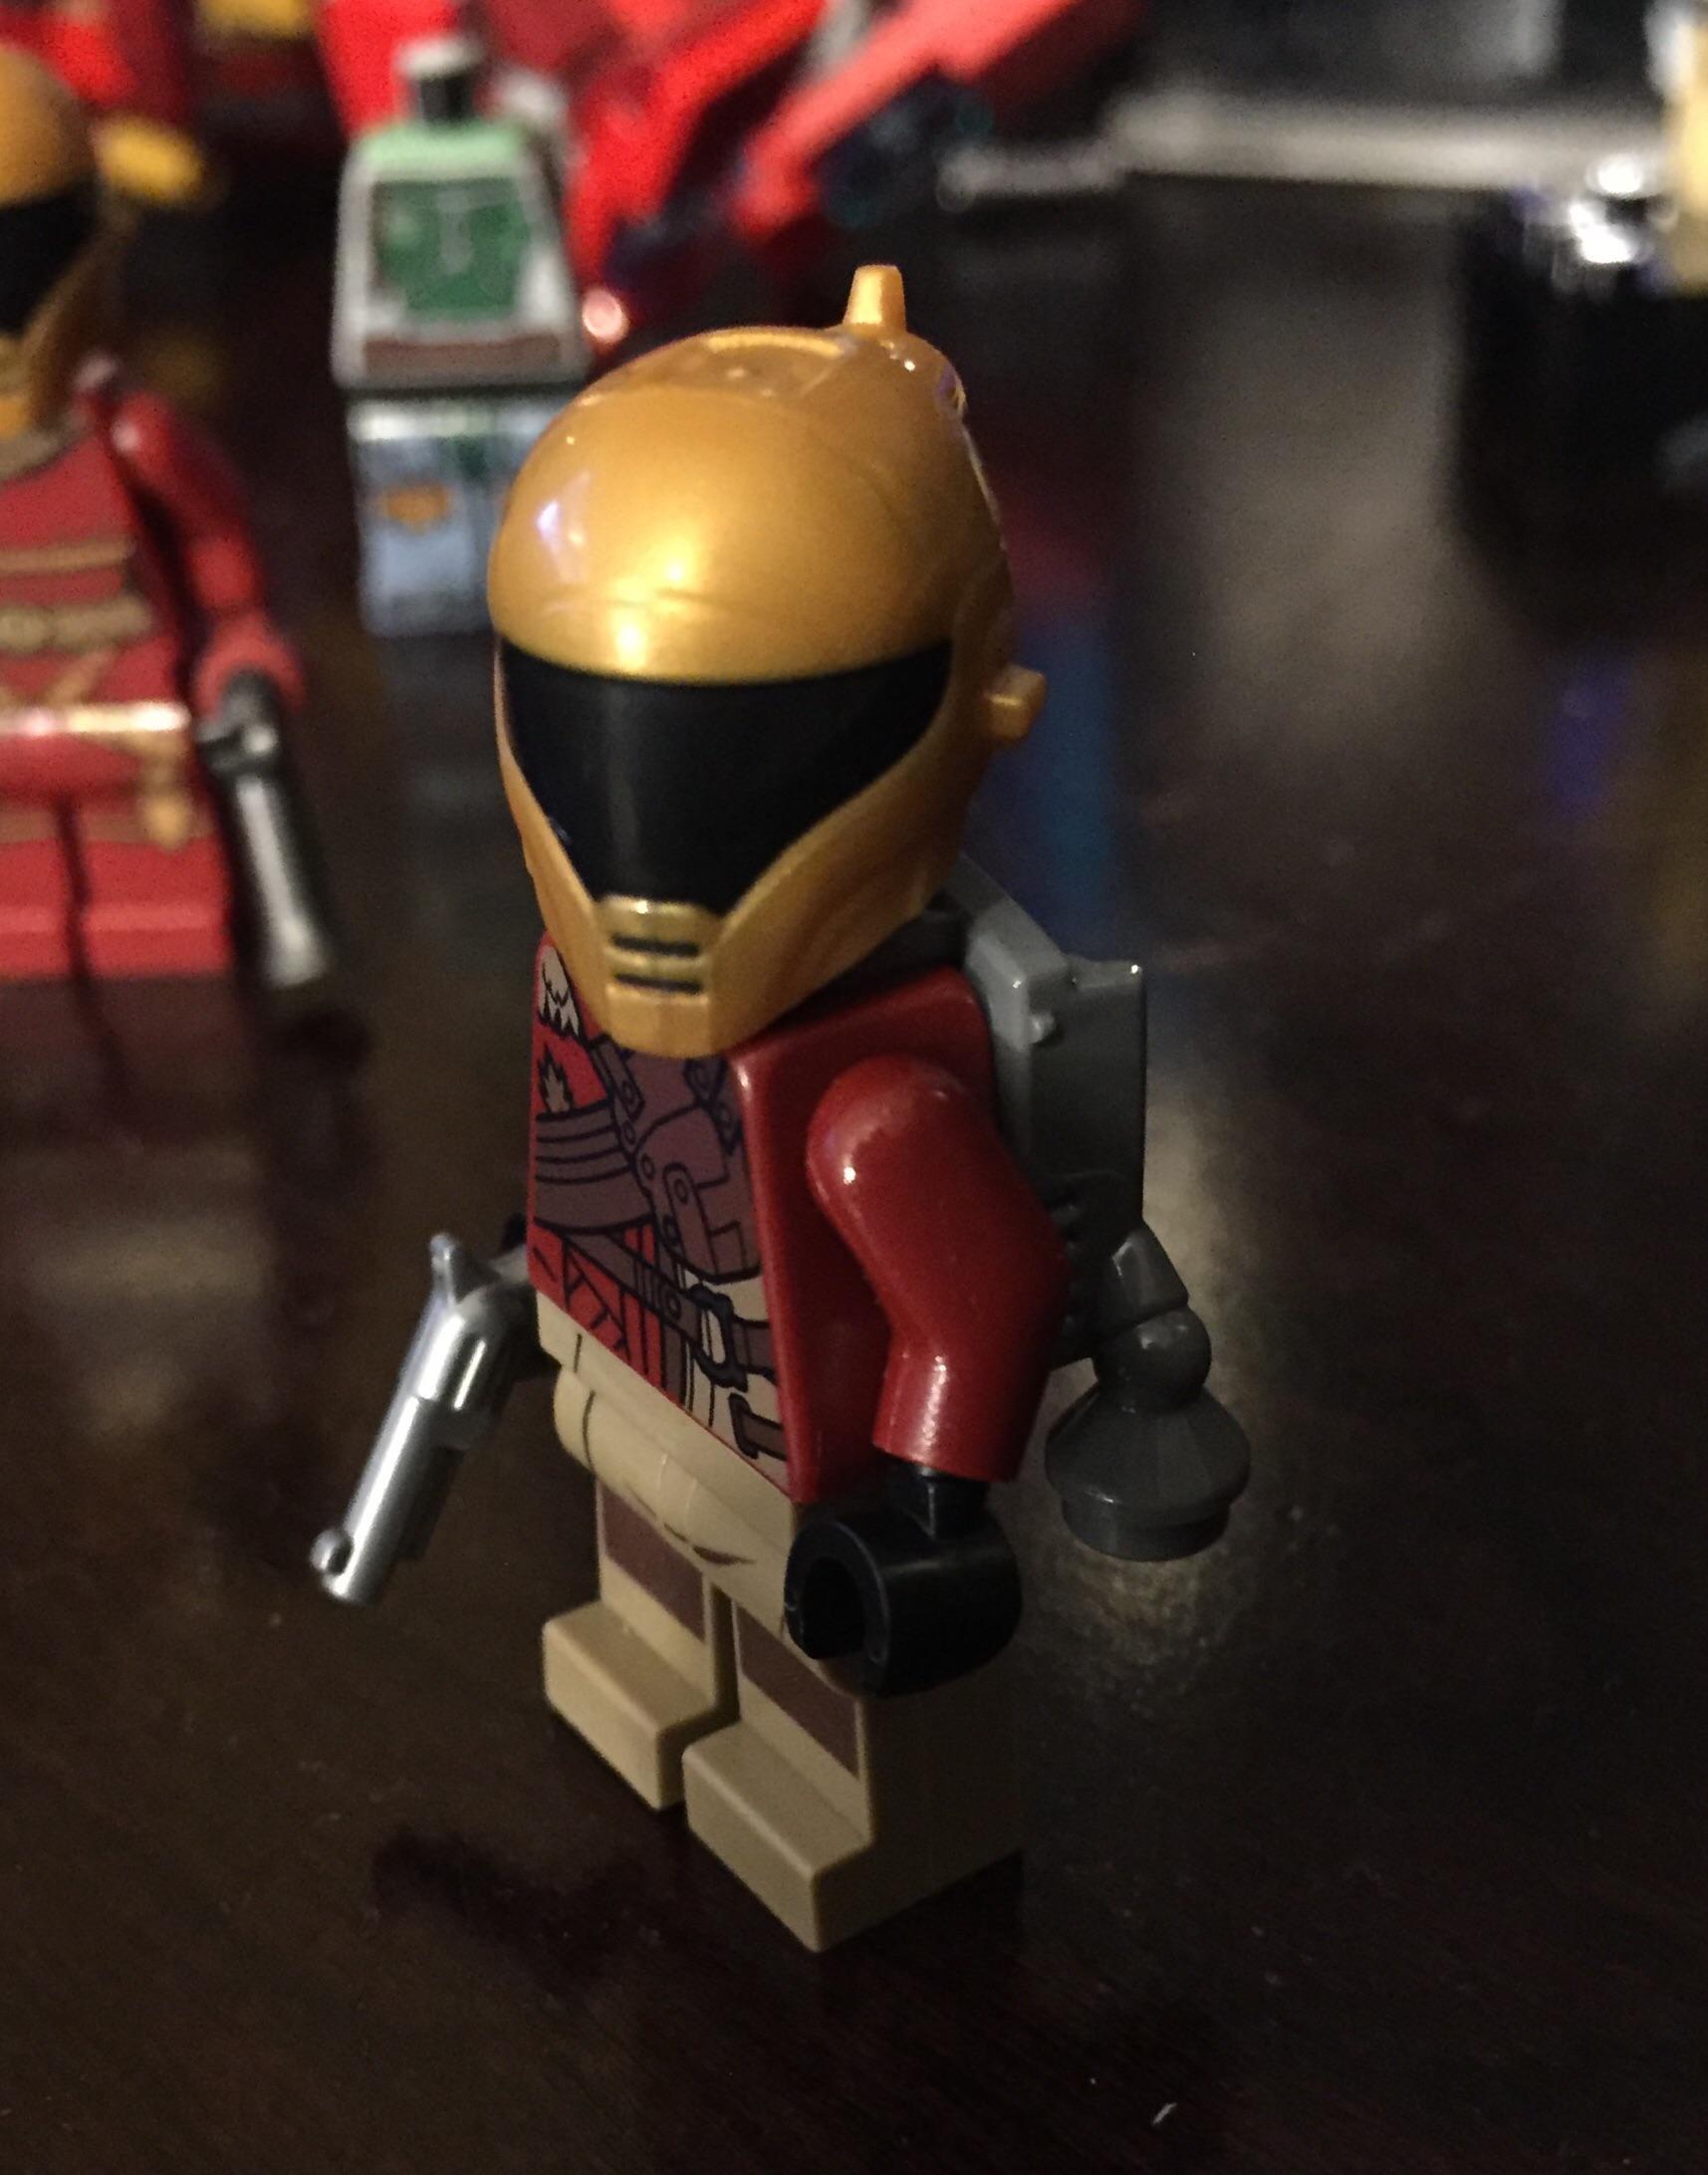 Zorii Bliss Helmet : zorii, bliss, helmet, Zorii, Bliss', Helmet, Closest, Thing, Rocketeer, Rocketeer😁, Legostarwars